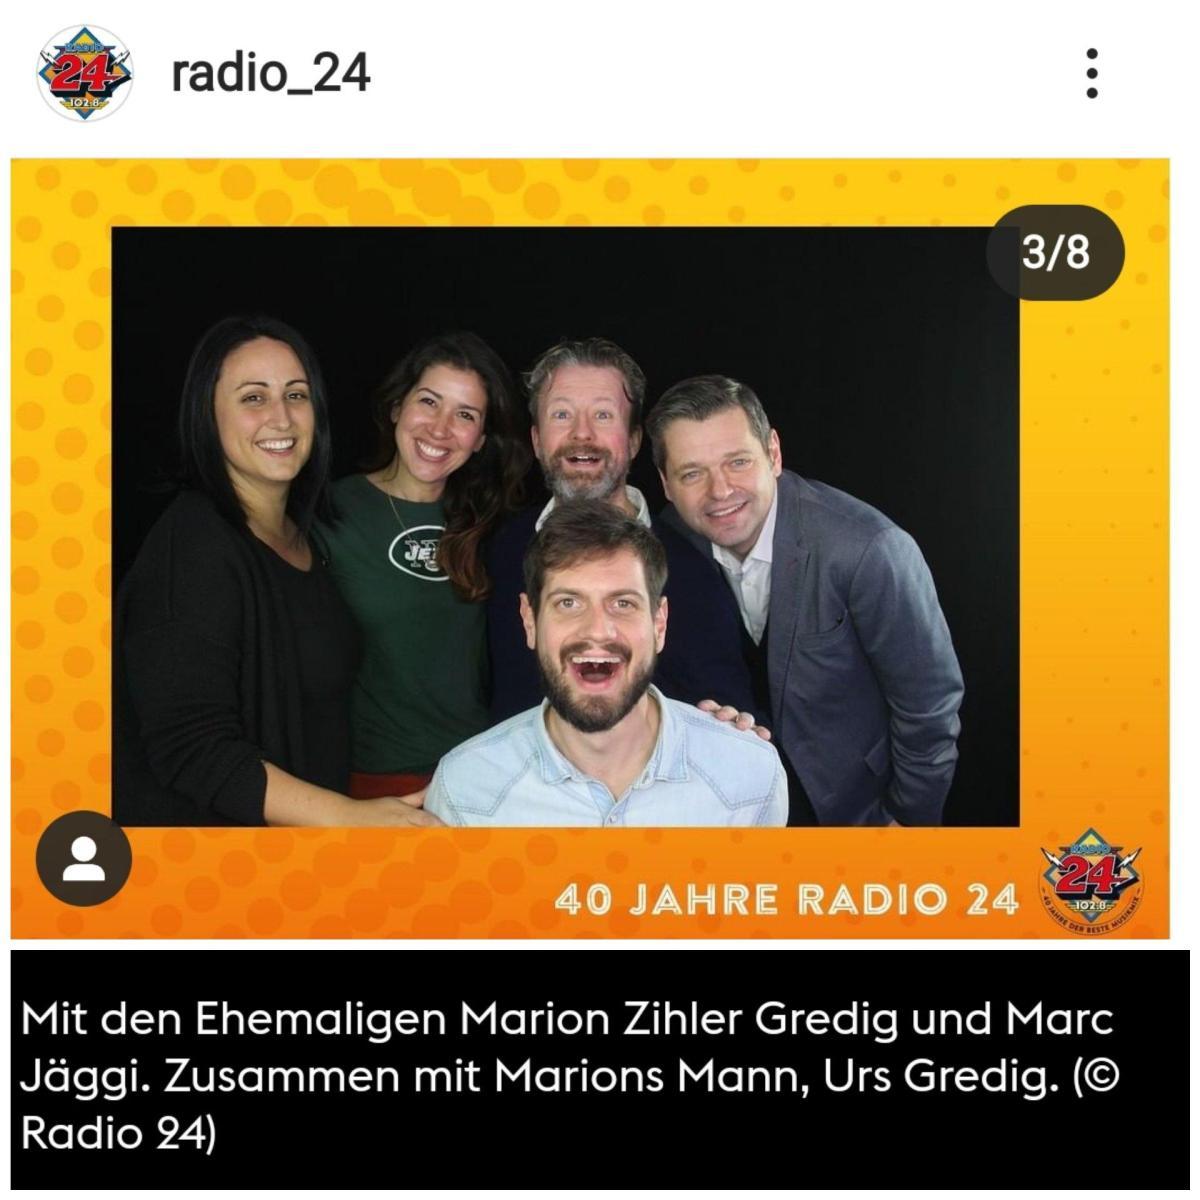 40 jahre radio24 fotos zum jubiläum